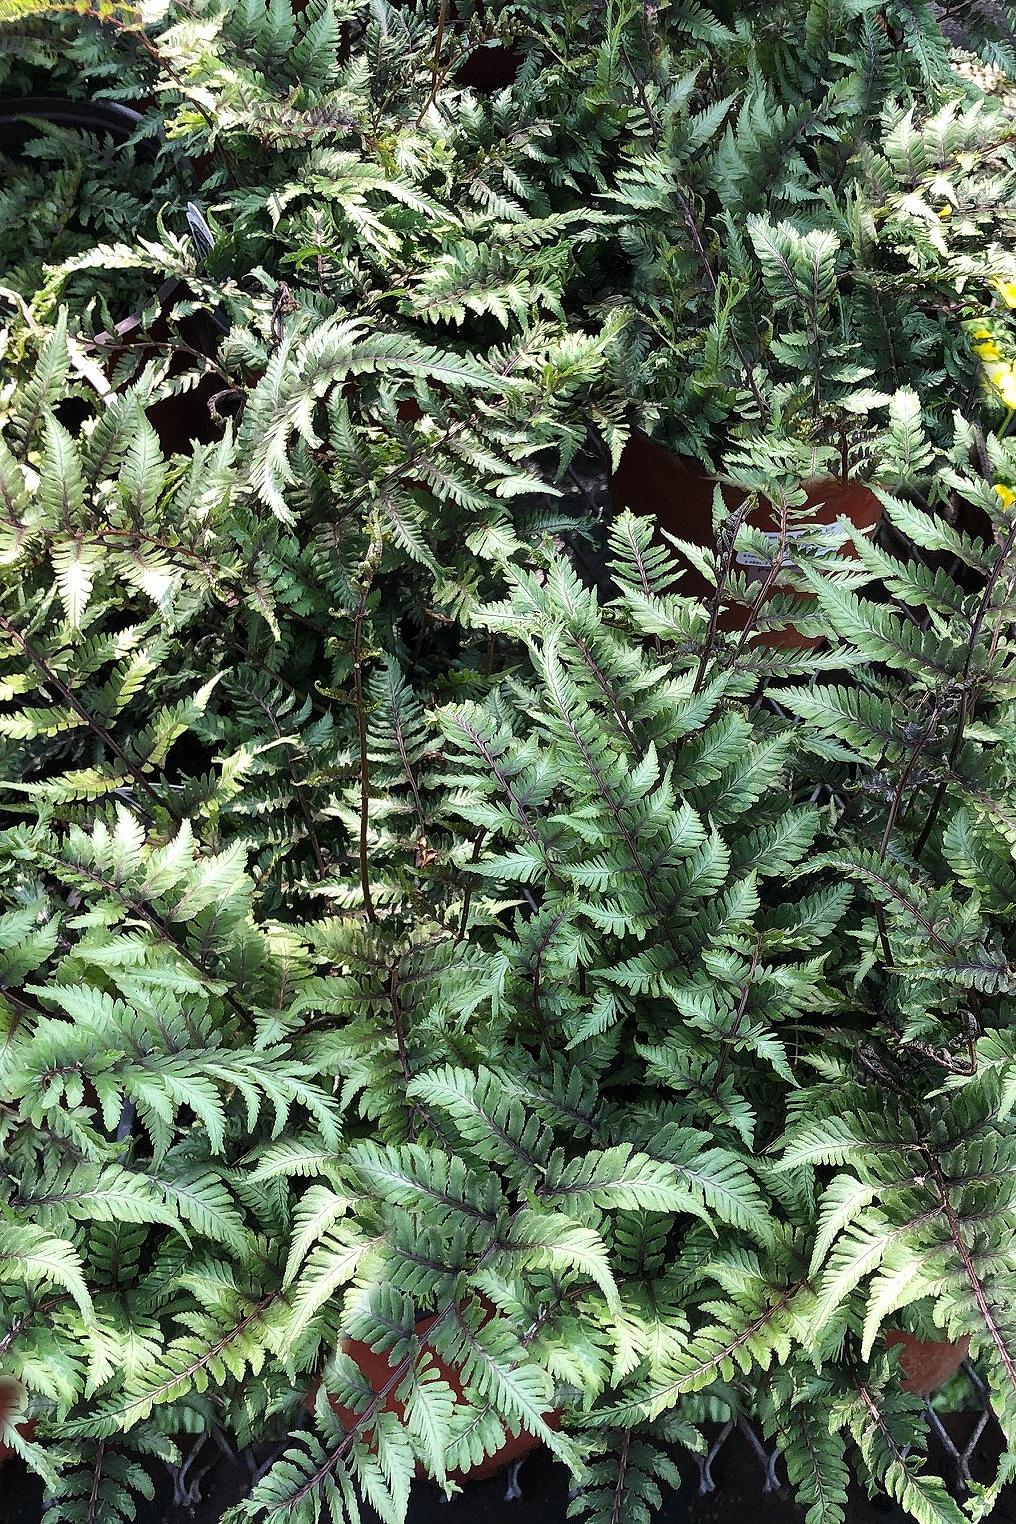 Athyrium niponicum var. pictum 'Applecourt'